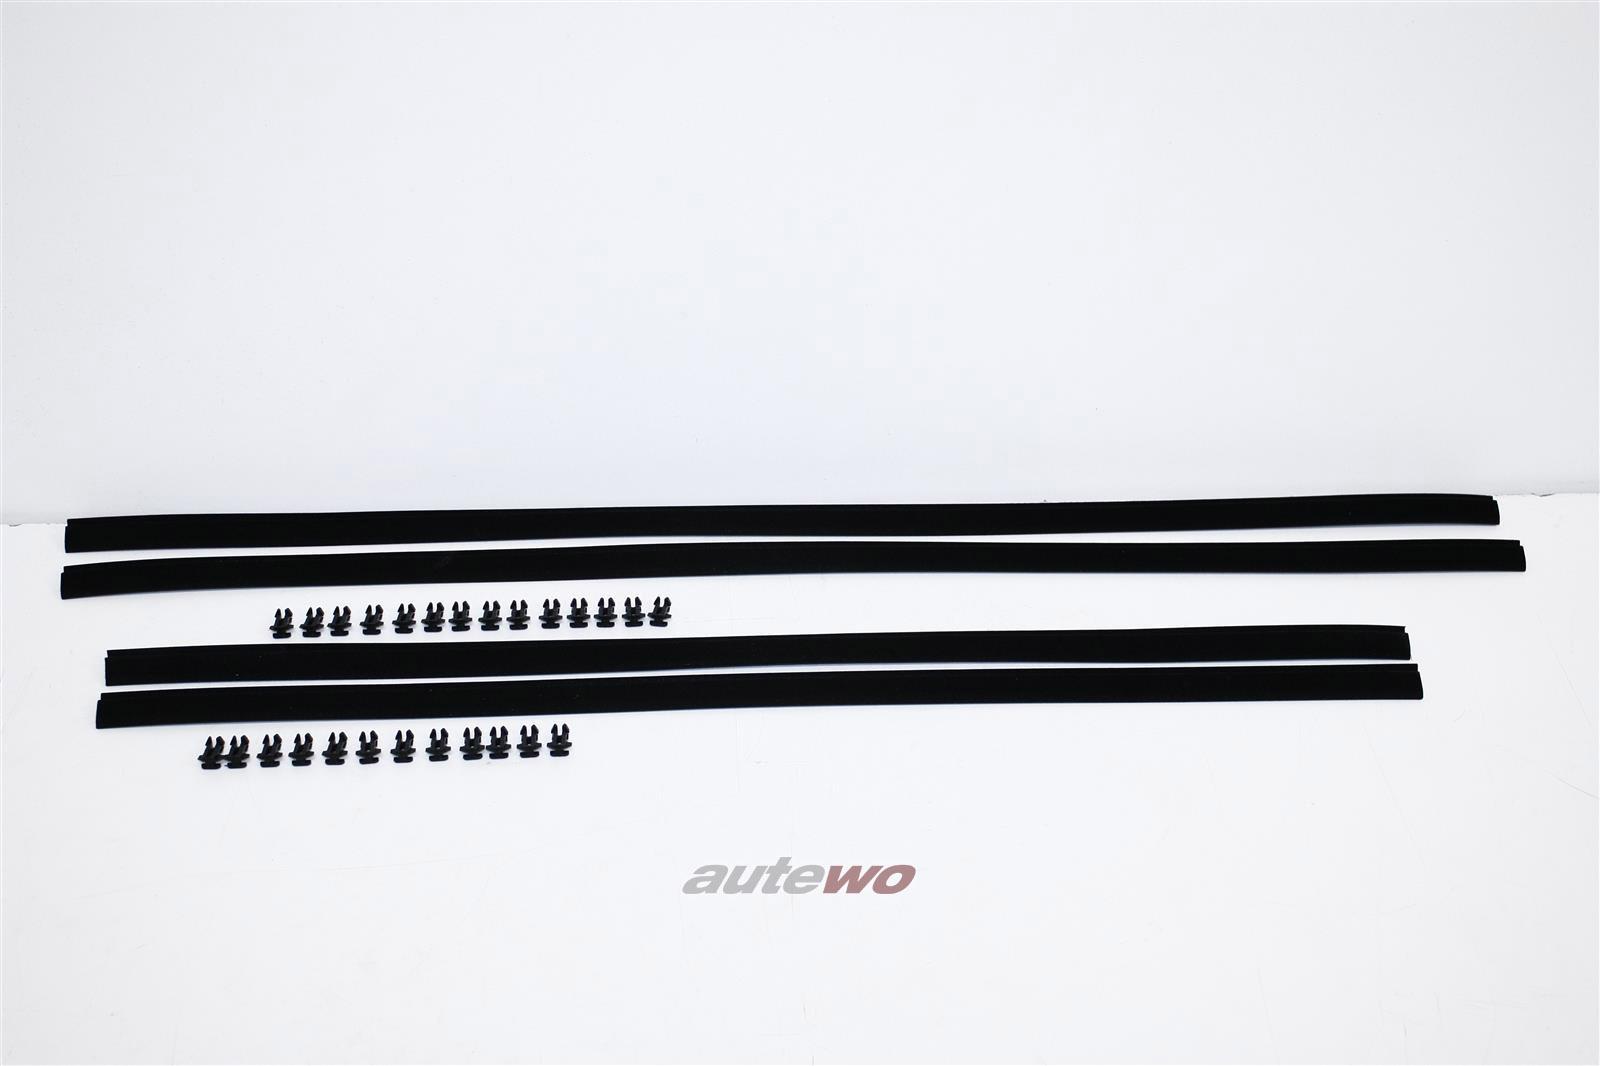 813837477B NEU Audi 80/90 81/85 Limousine 4x Fensterschachtabdichtung + Clips